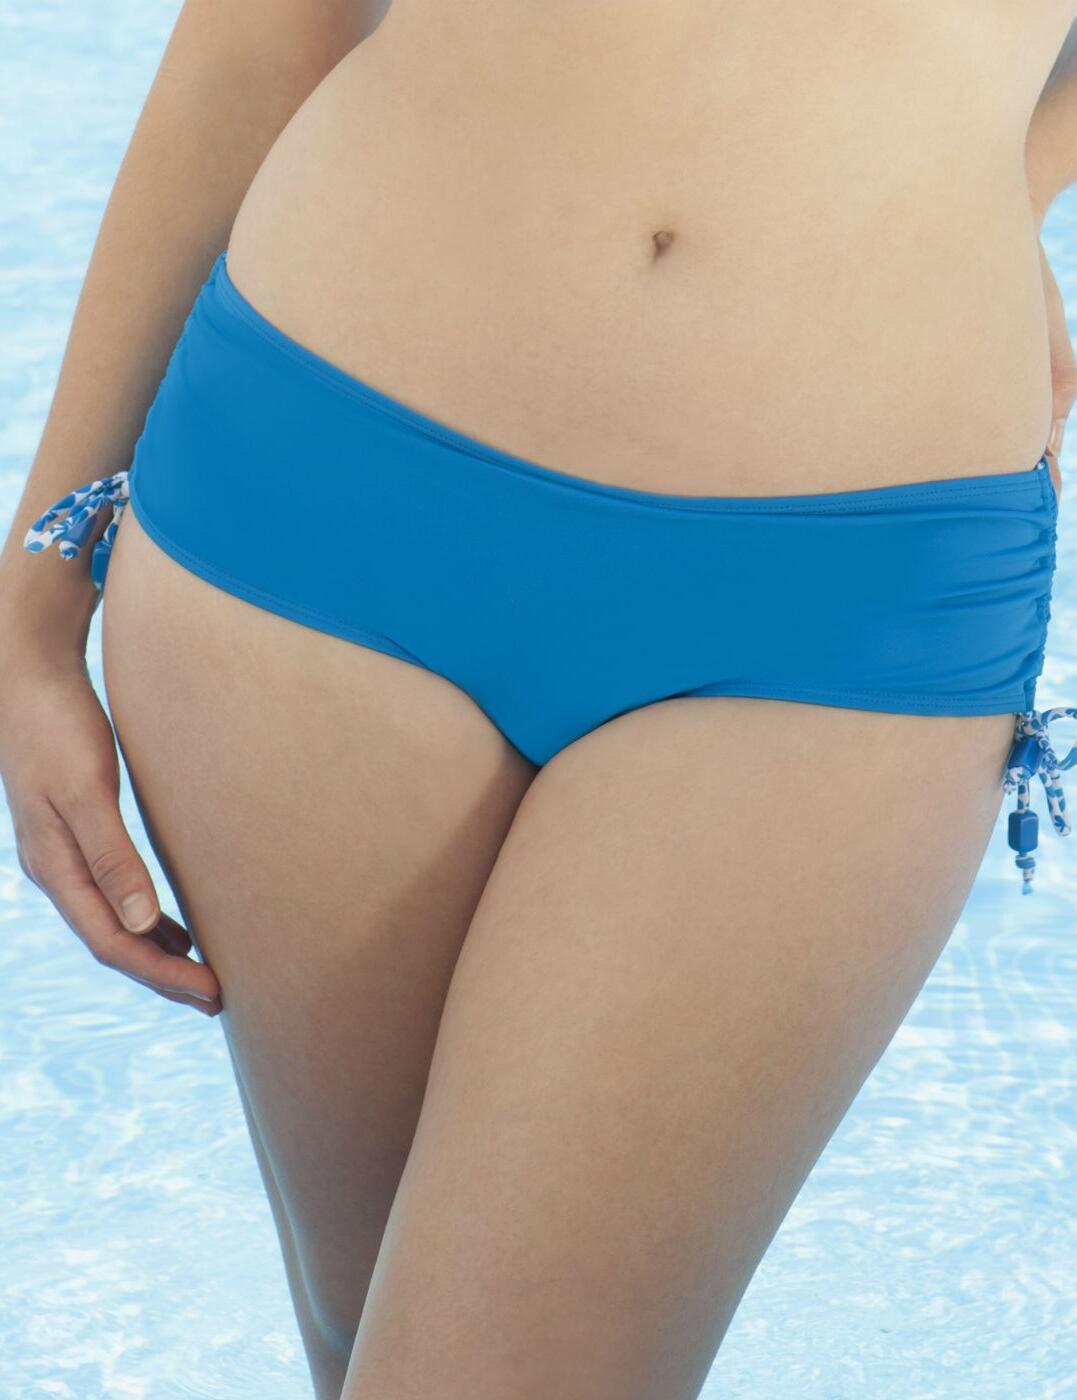 CS1513 Curvy Kate Coral Reef Adjustable Short - CS1513 Malibu